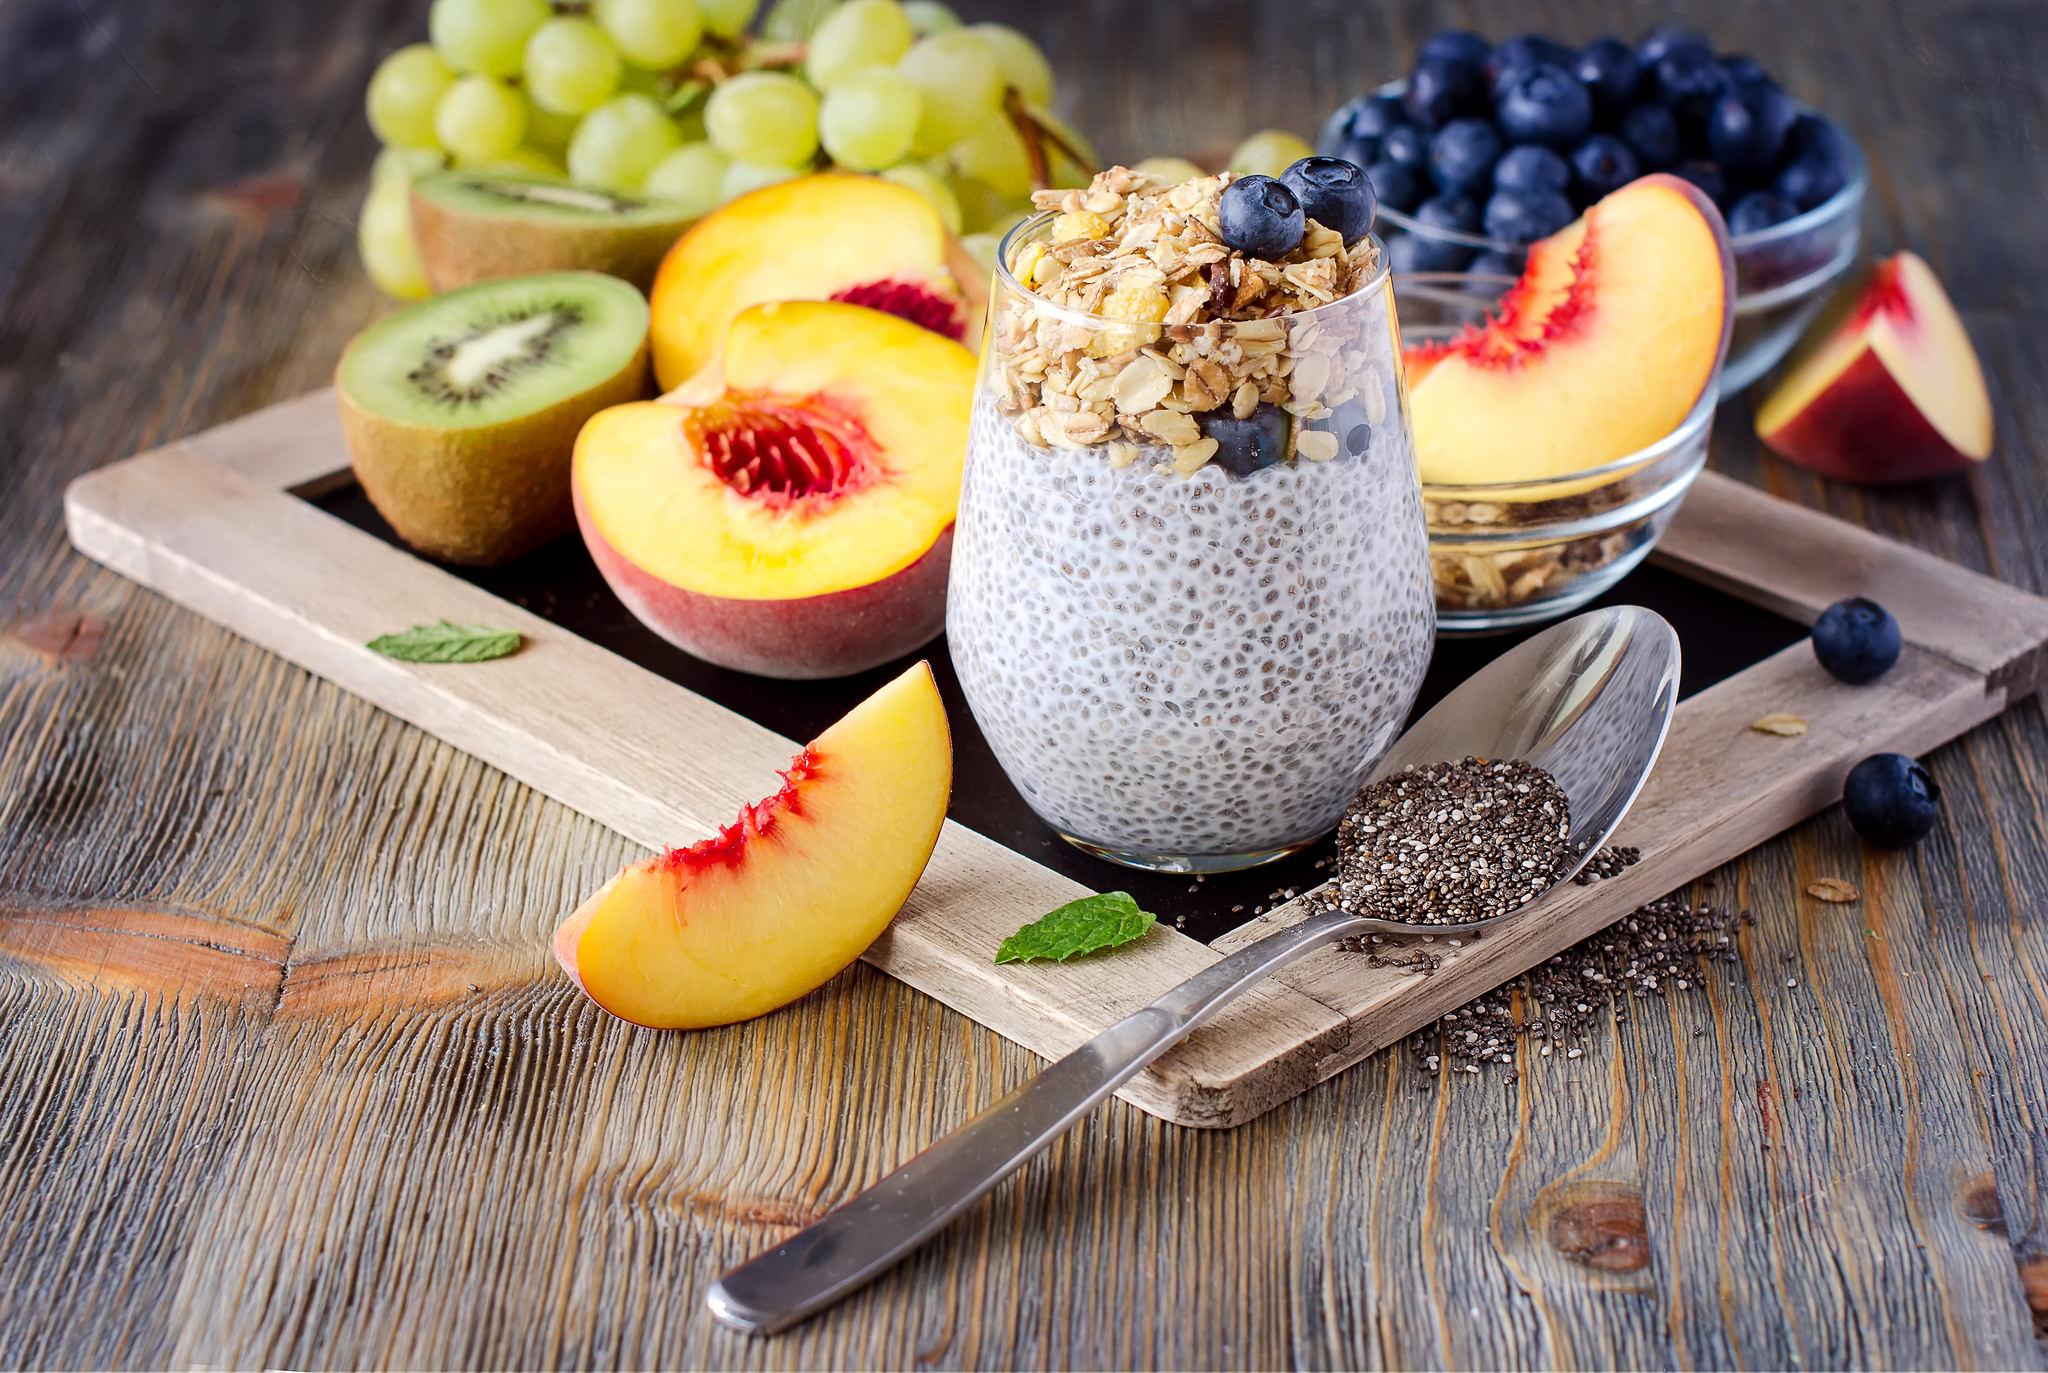 Mesa de madera con fruta,semillas de chia, cuchara metálica...